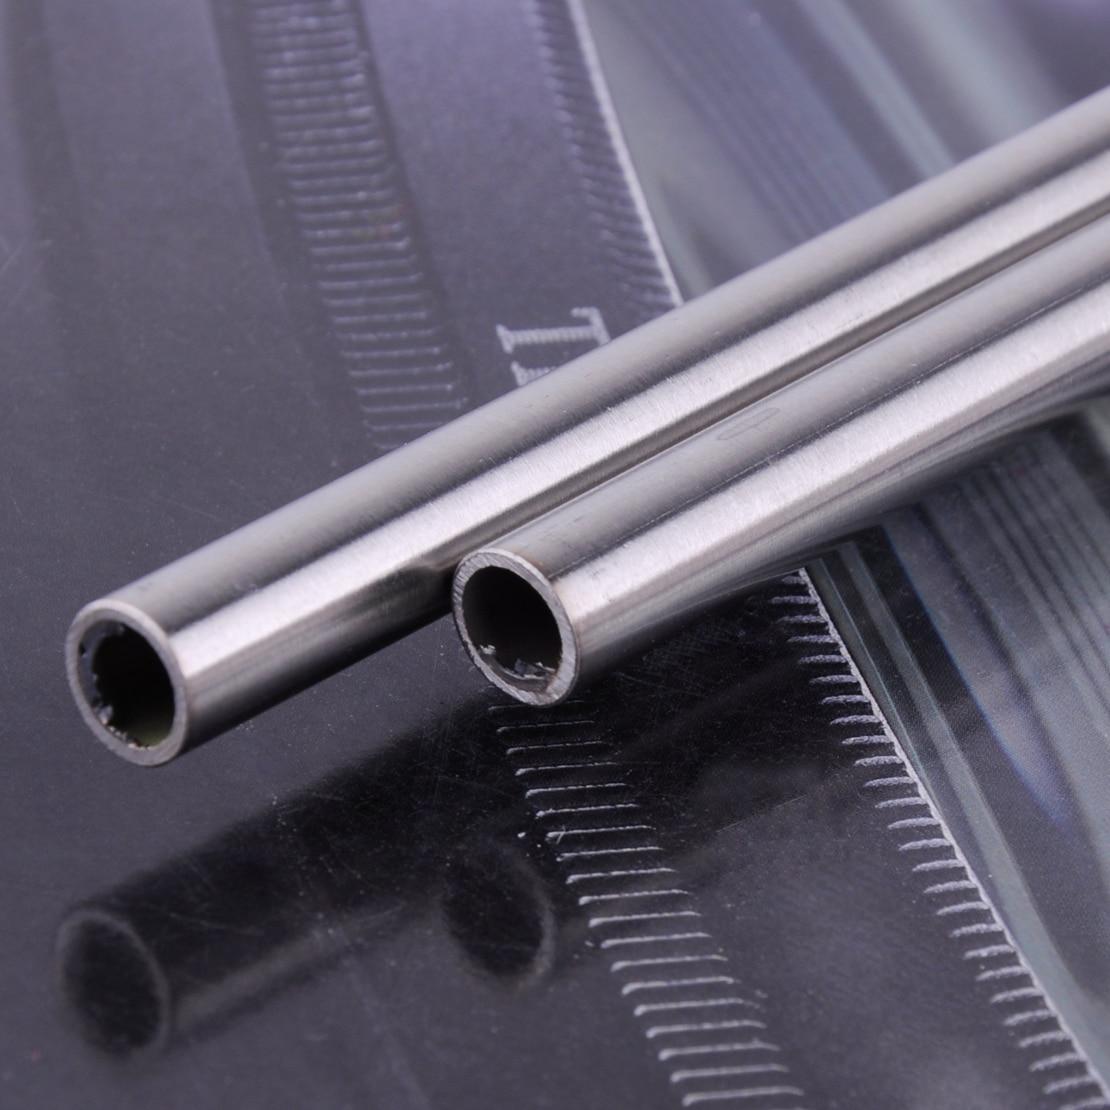 Letaosk alta qualidade 2 pçs 304 tubo capilar de aço inoxidável od 10mm id 8mm comprimento 0.5 m 500mm